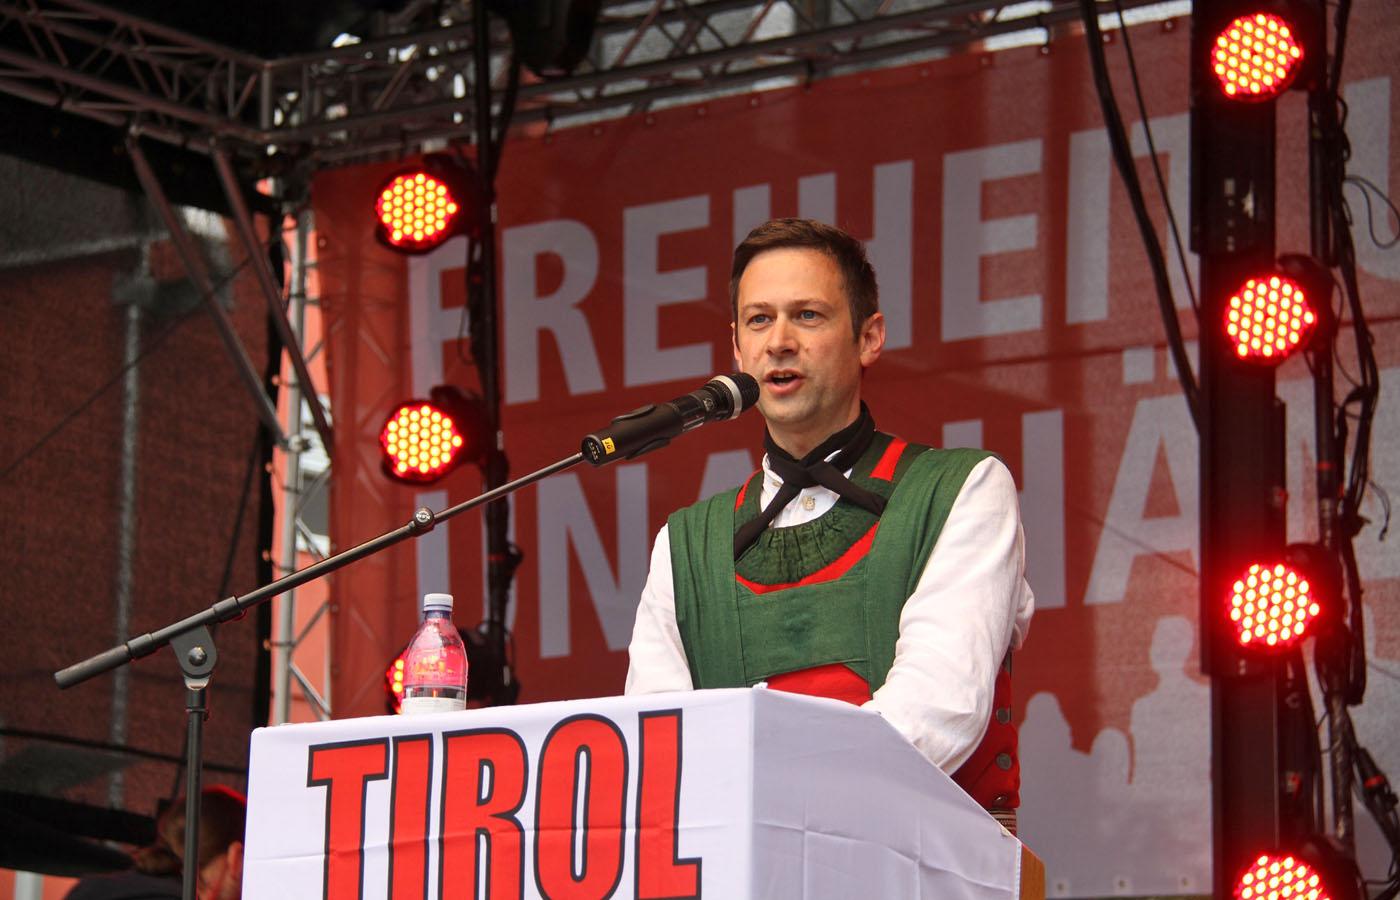 Alles für Tirol